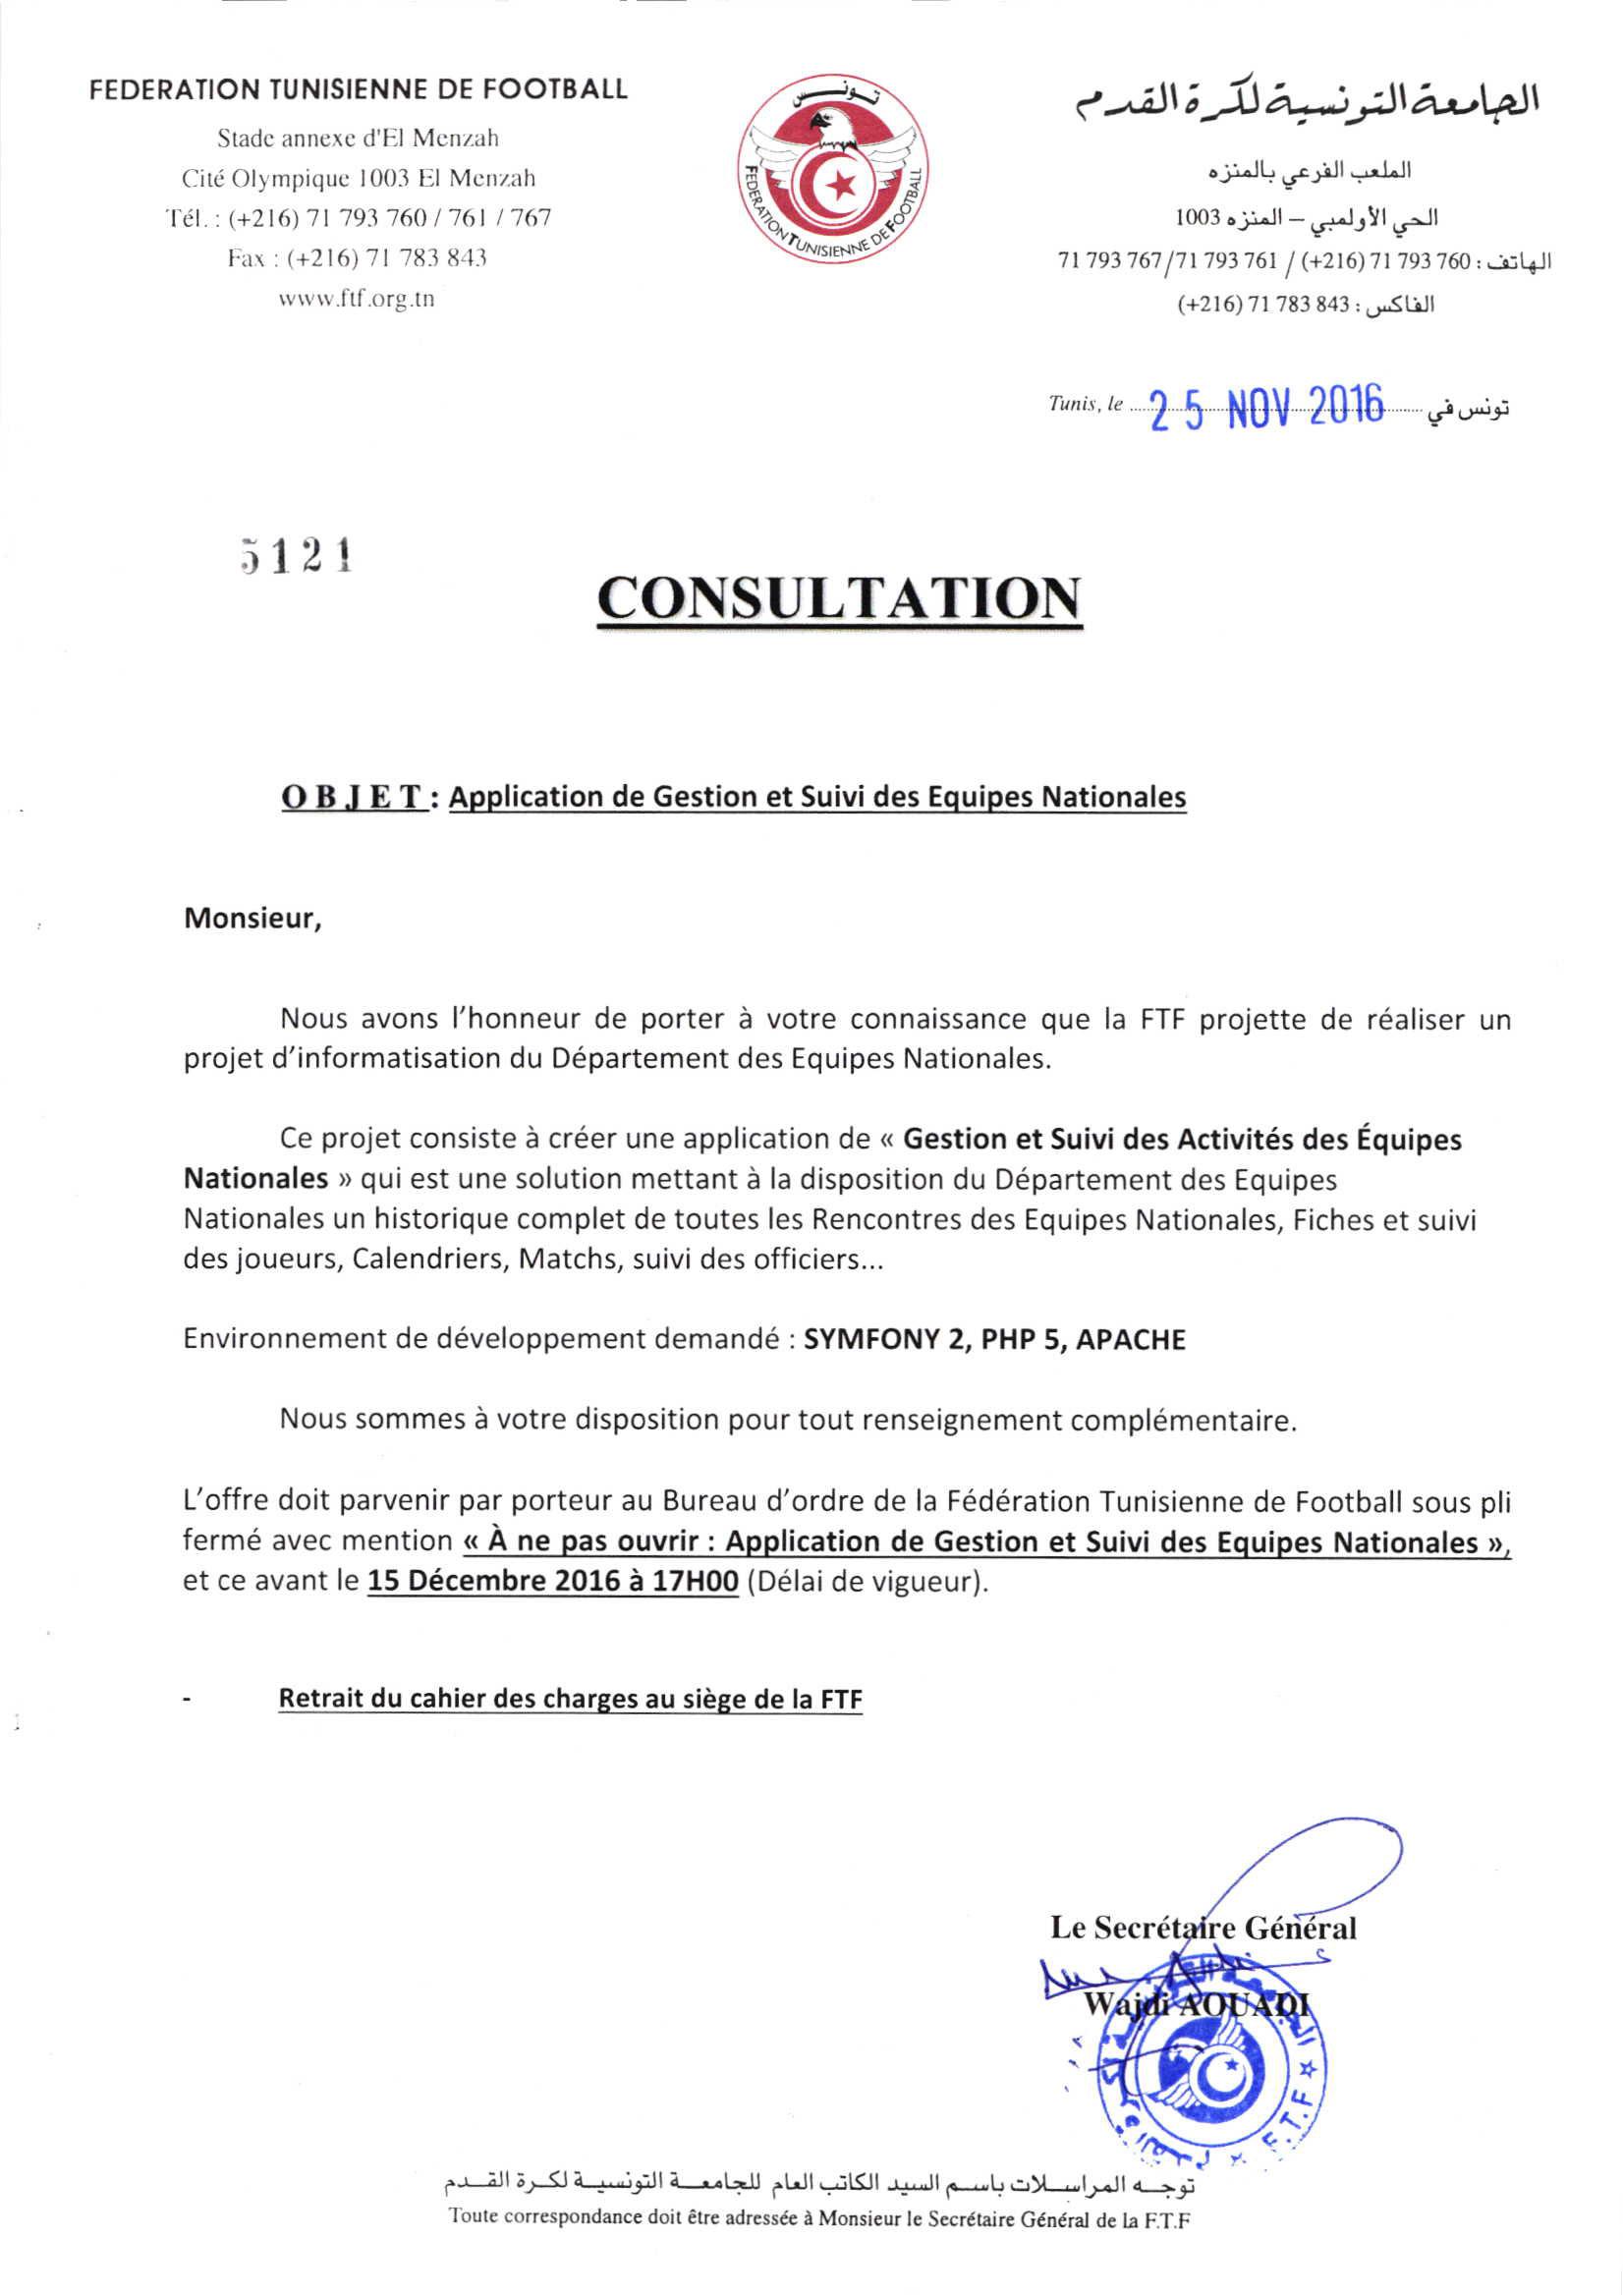 App de Gestion et Suivi des Equipes Nationales